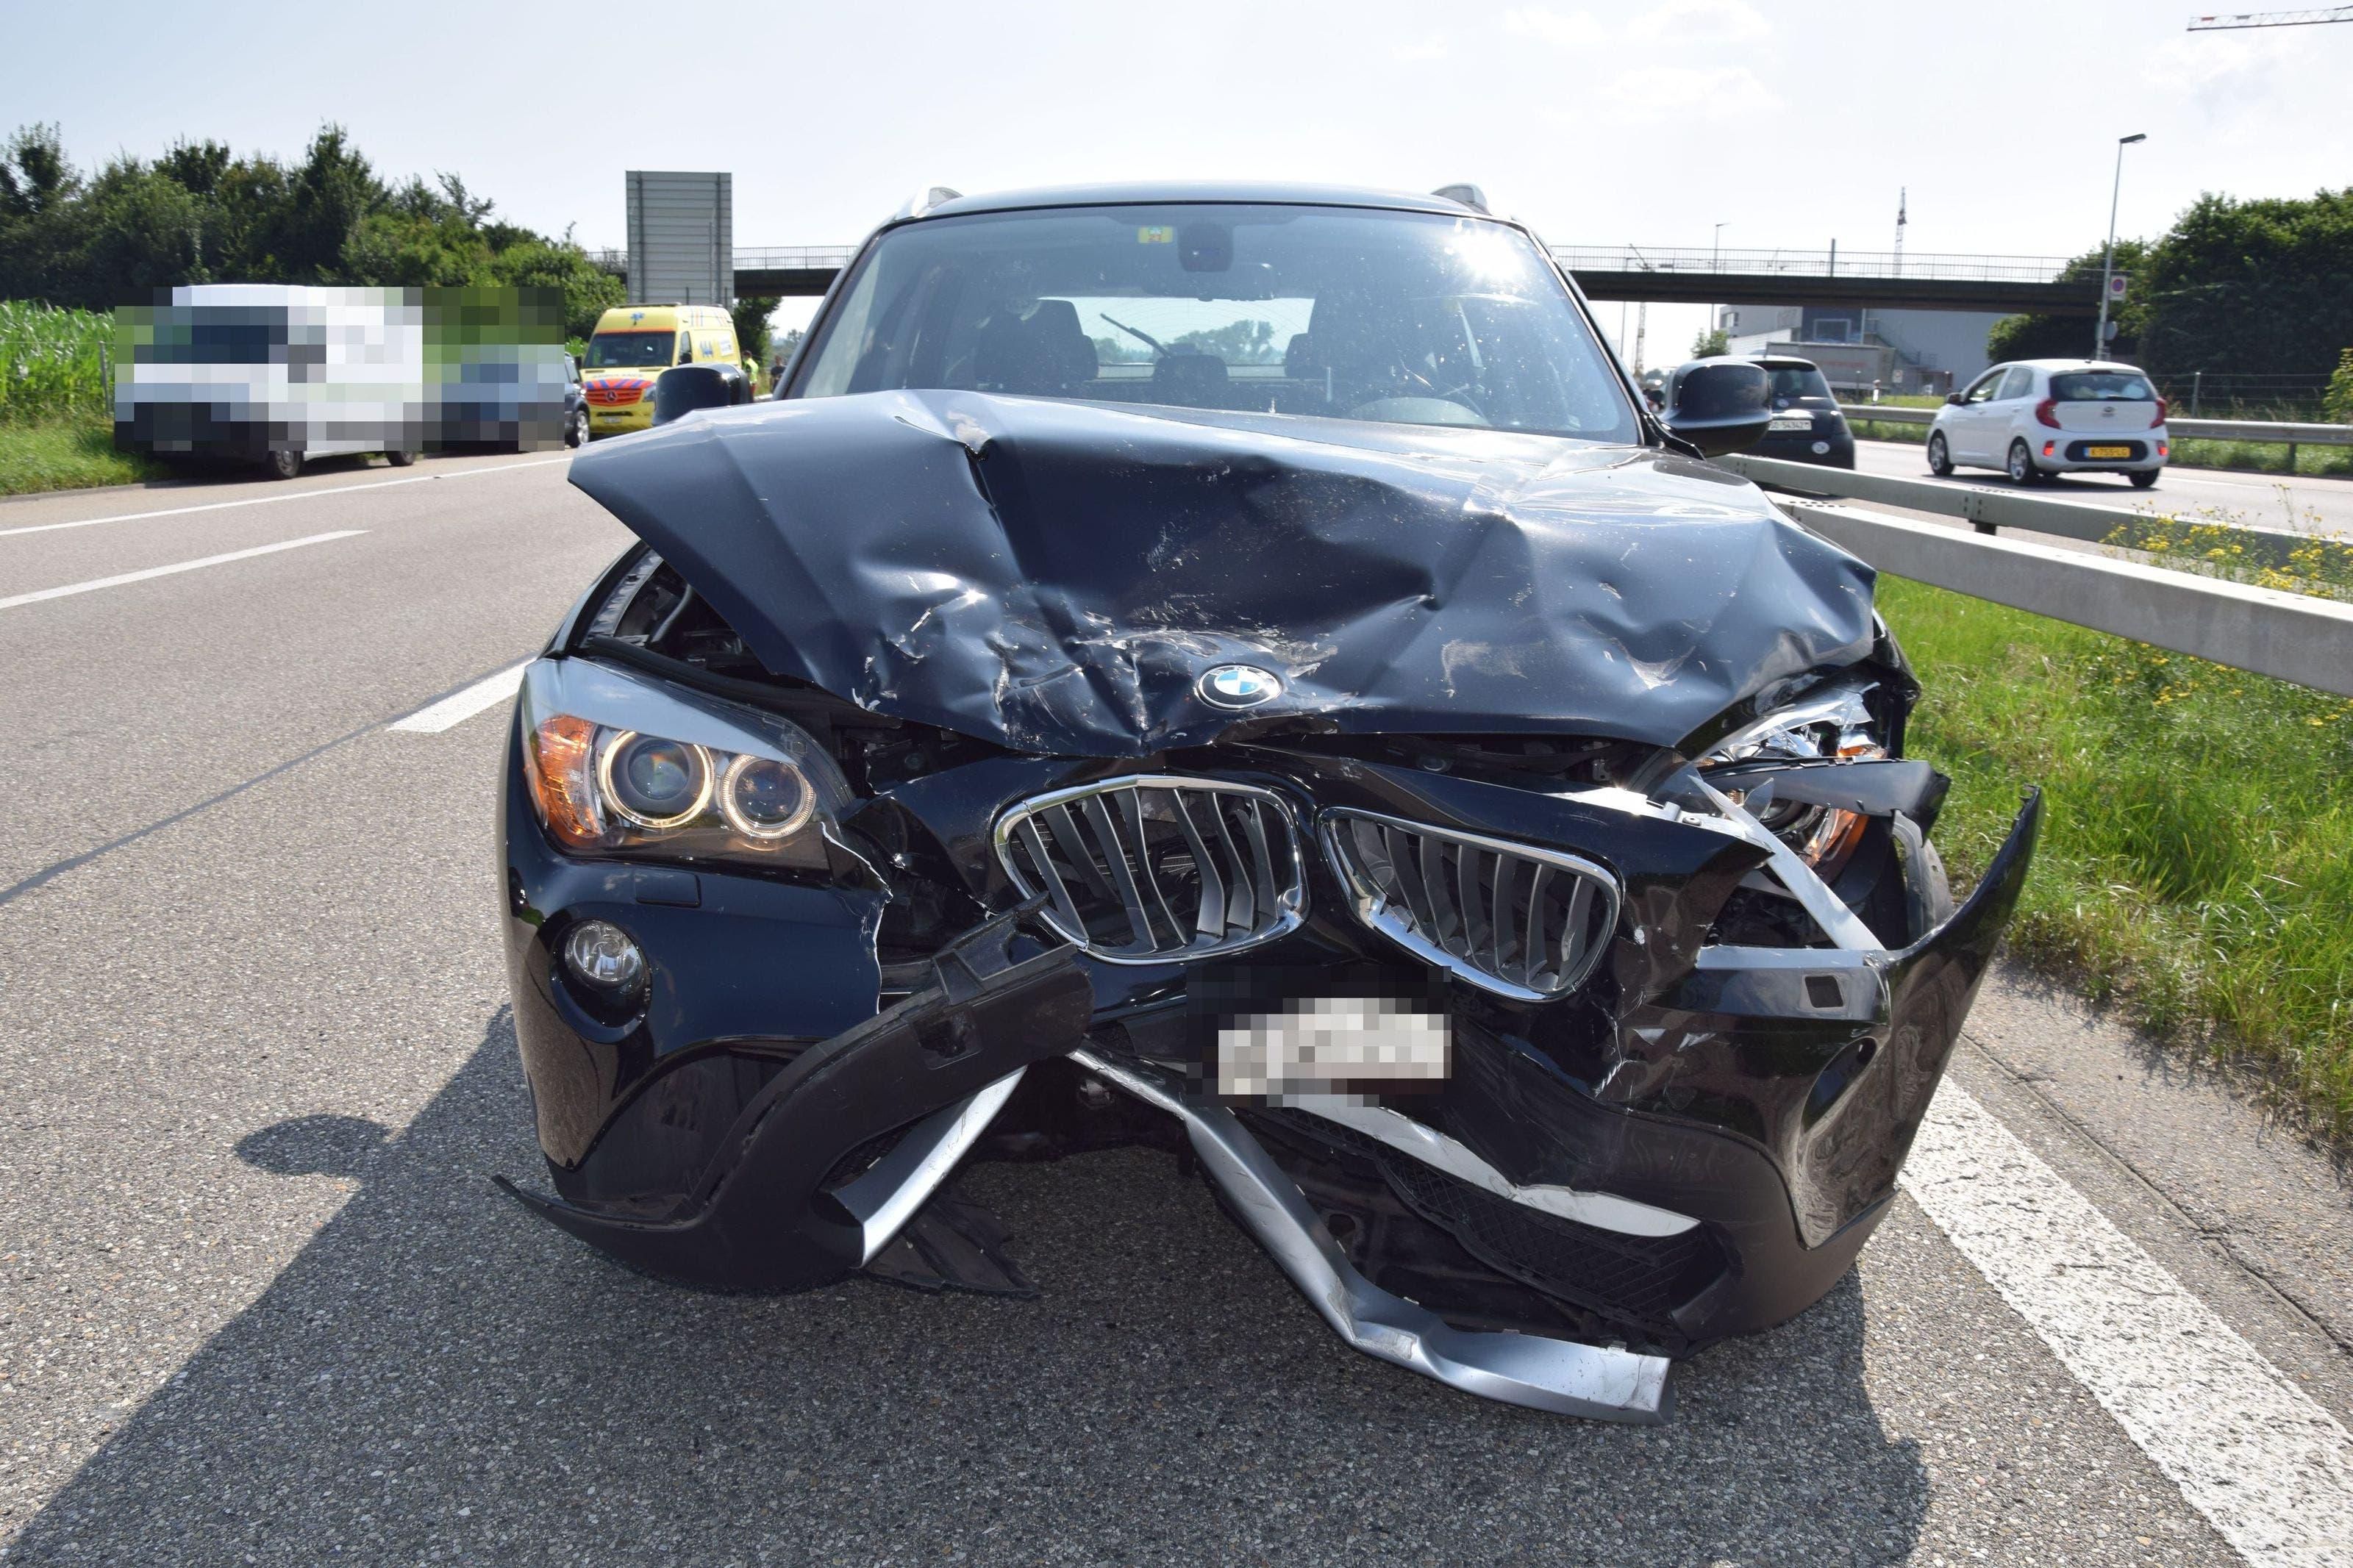 Der BMW-Lenker fuhr ins Heck eines Kleinwagens.